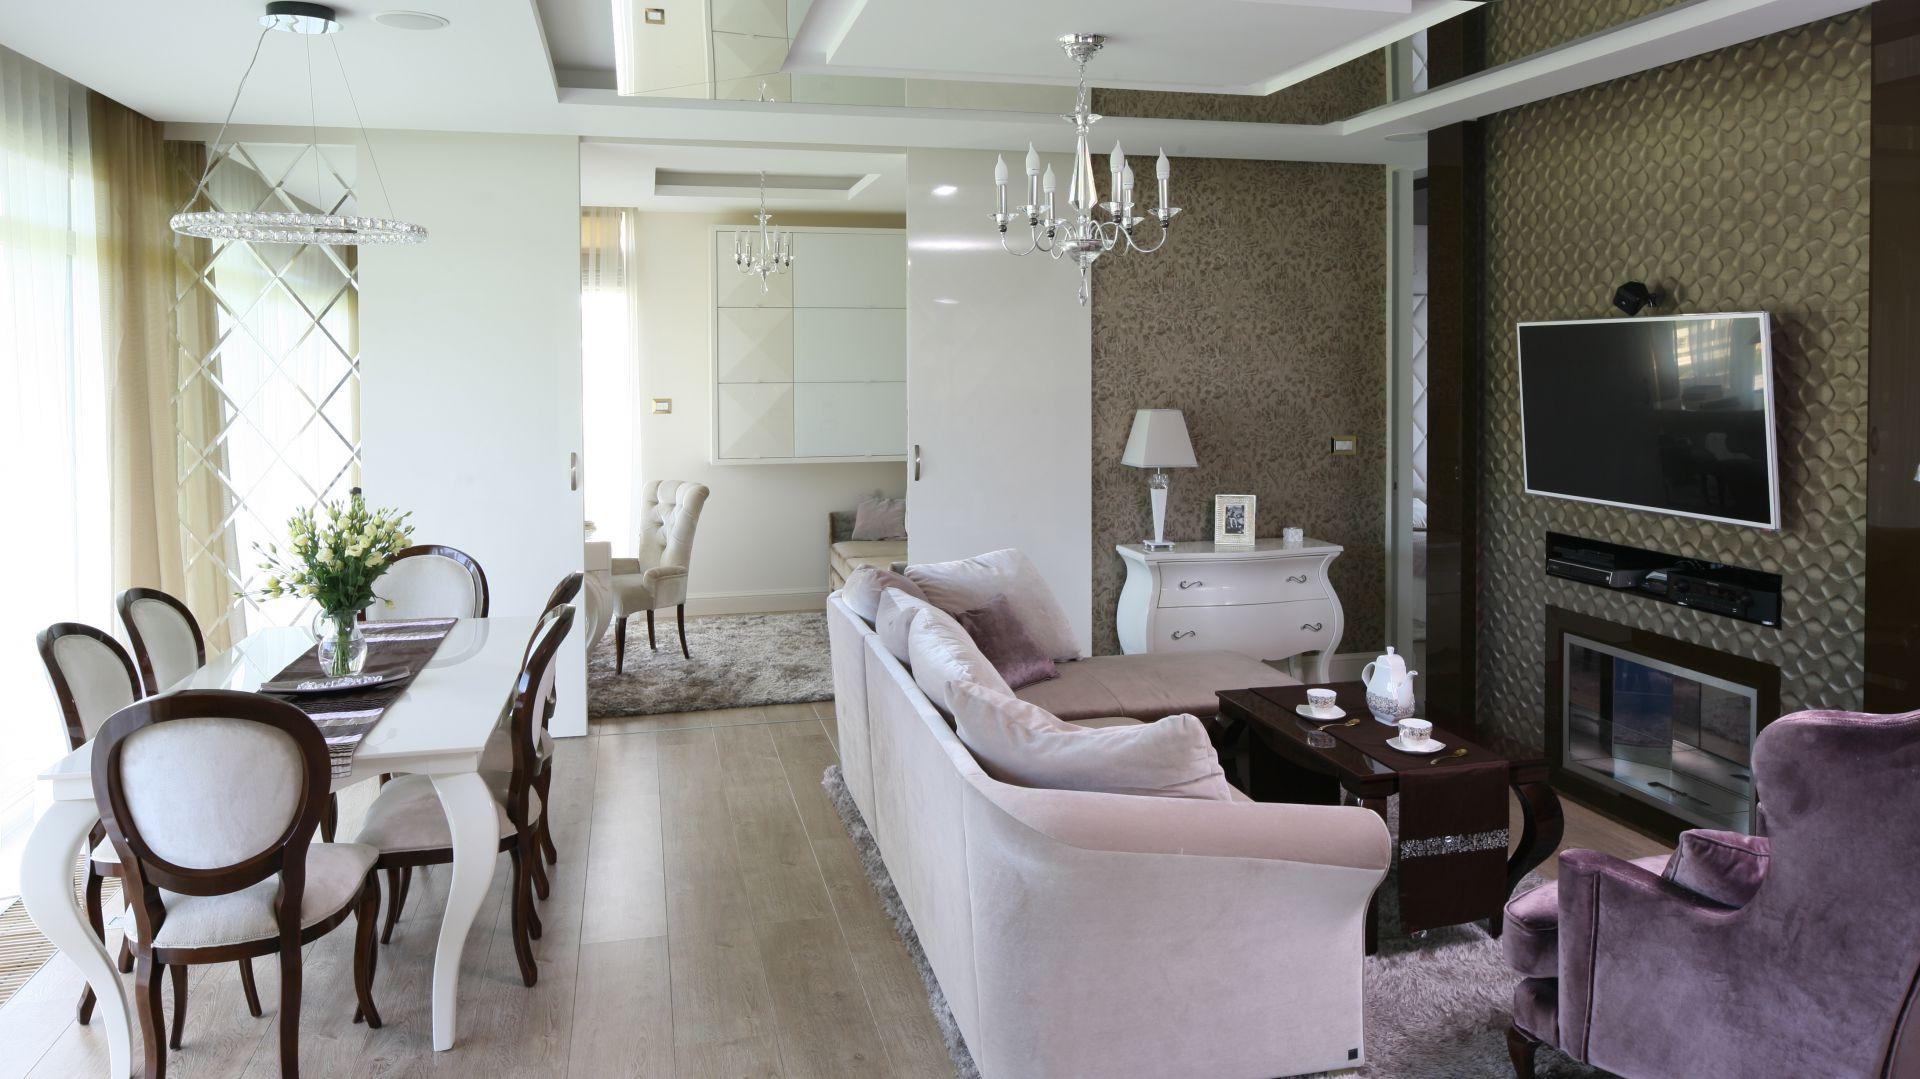 Salon w stylu glamour - 10 wnętrz  z polskich domów